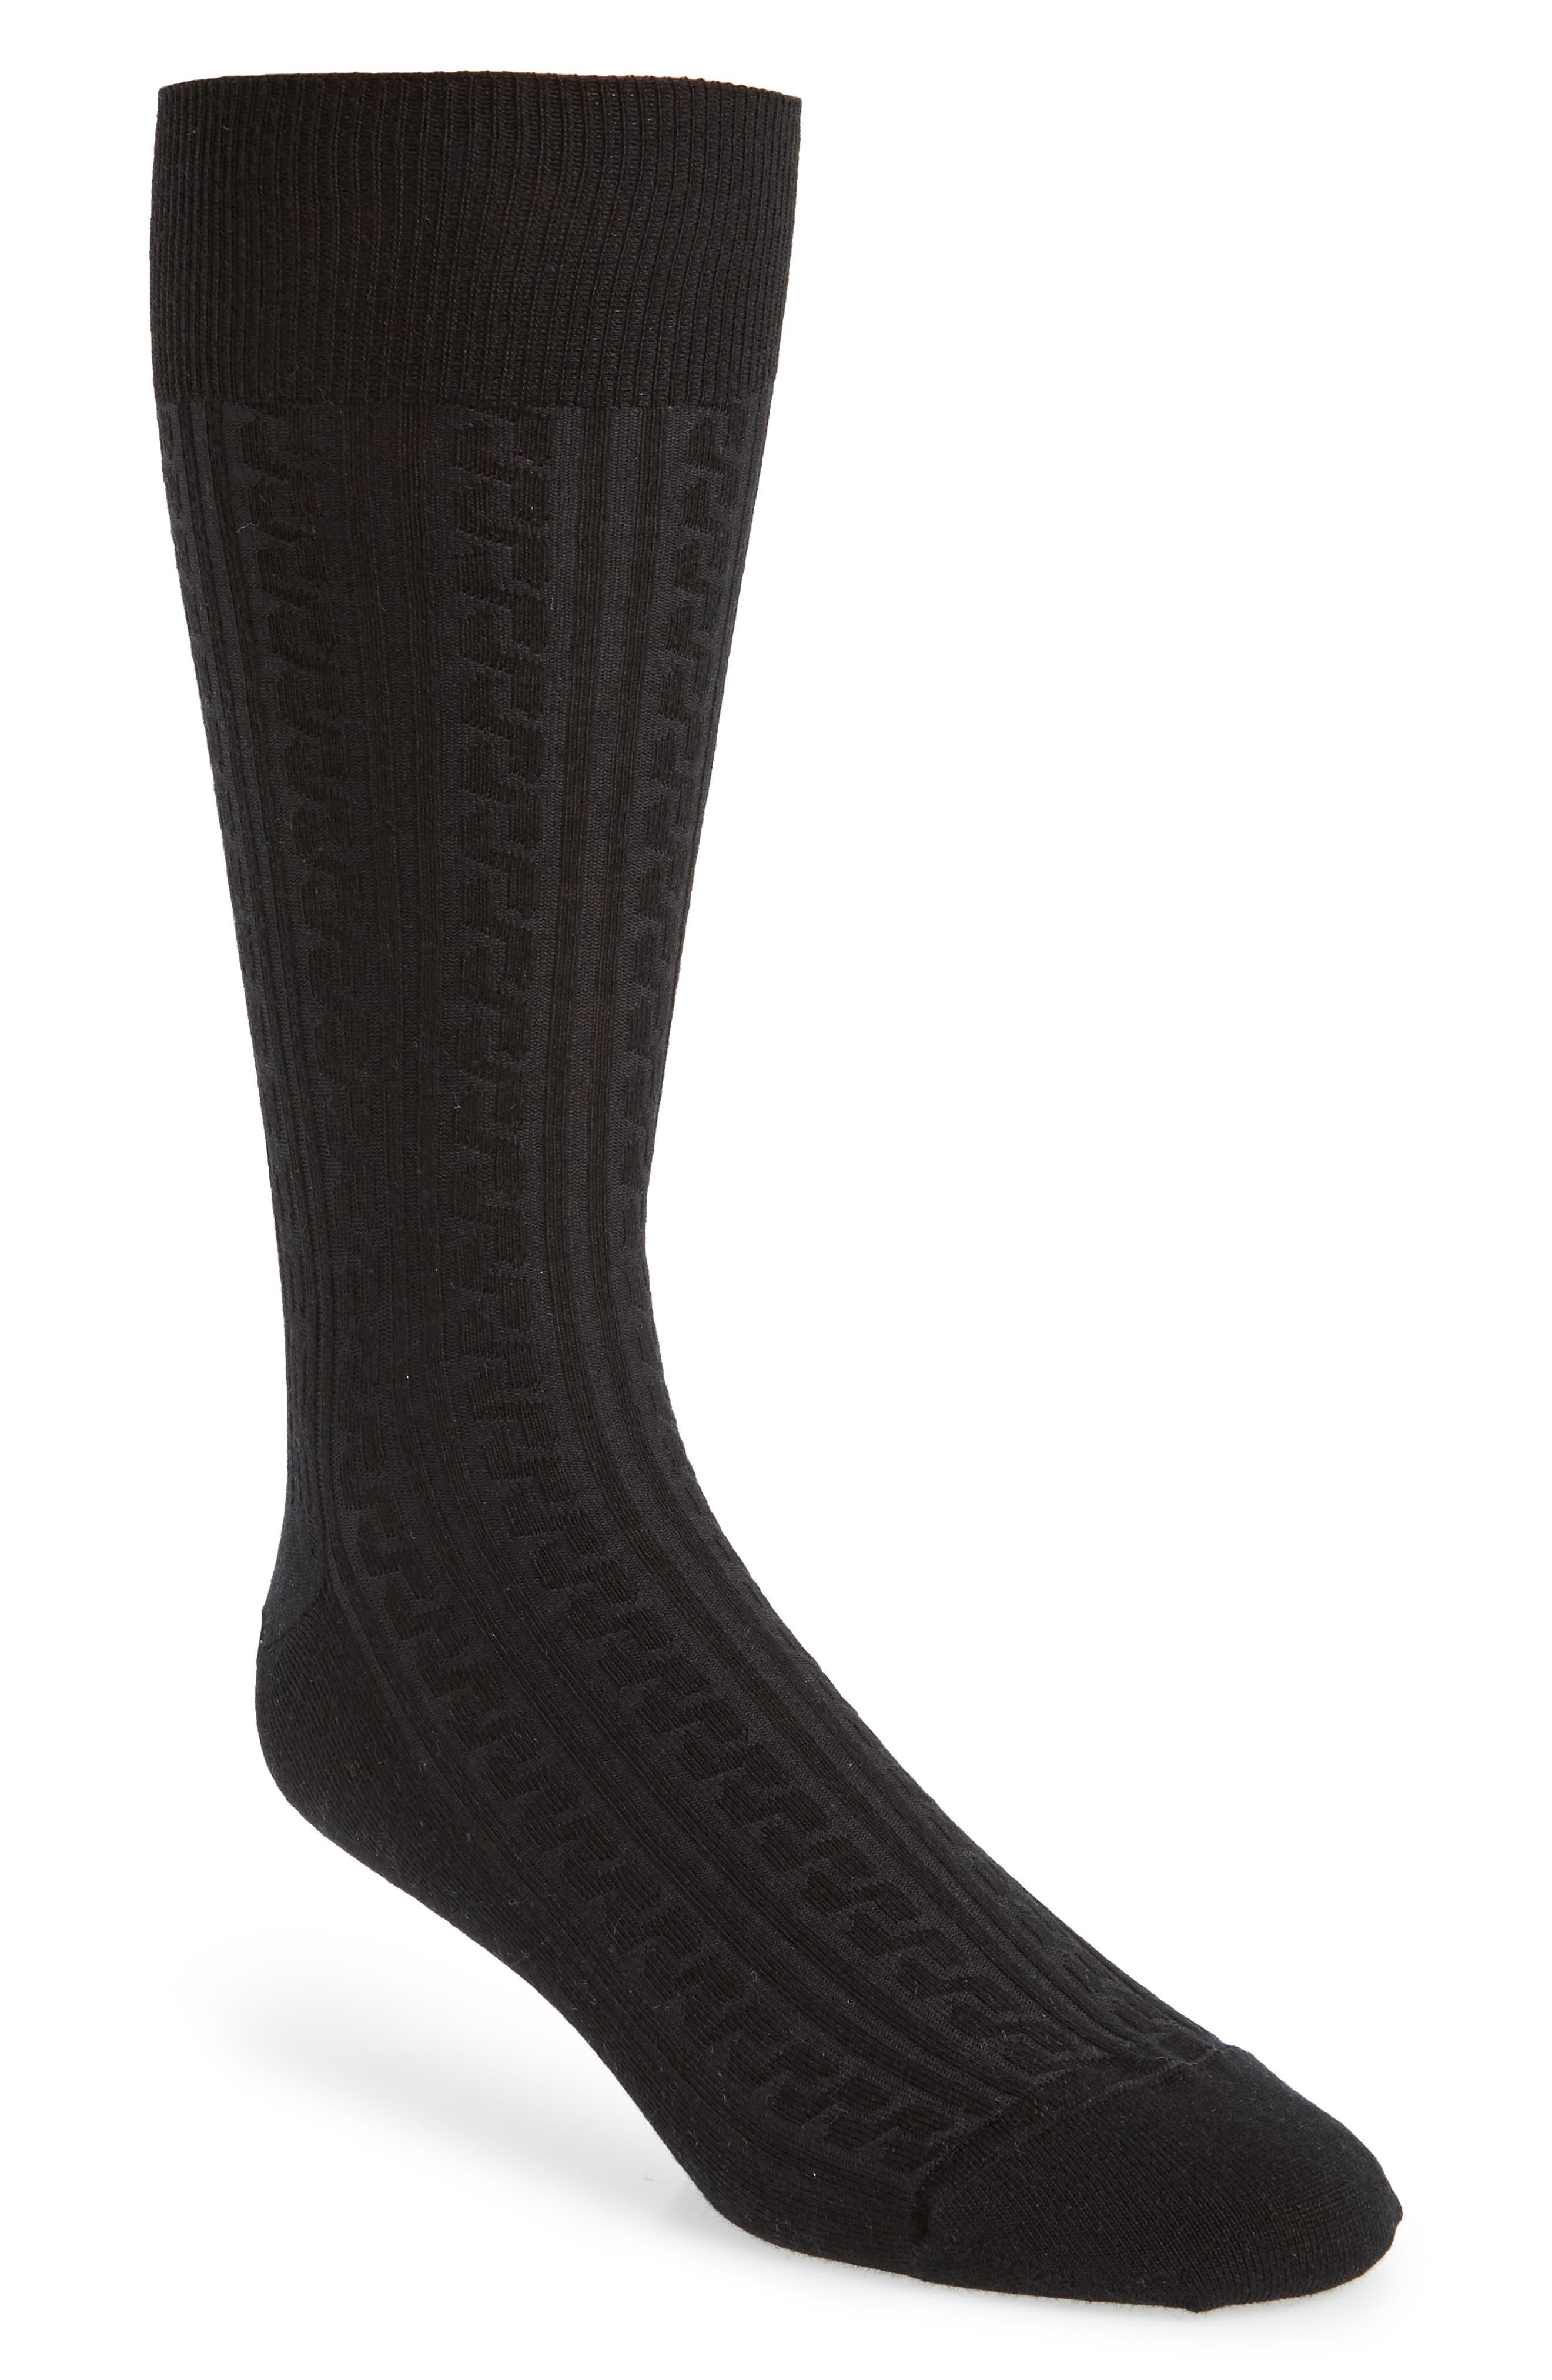 Cable Knit Merino Blend Socks,                             Main thumbnail 1, color,                             001